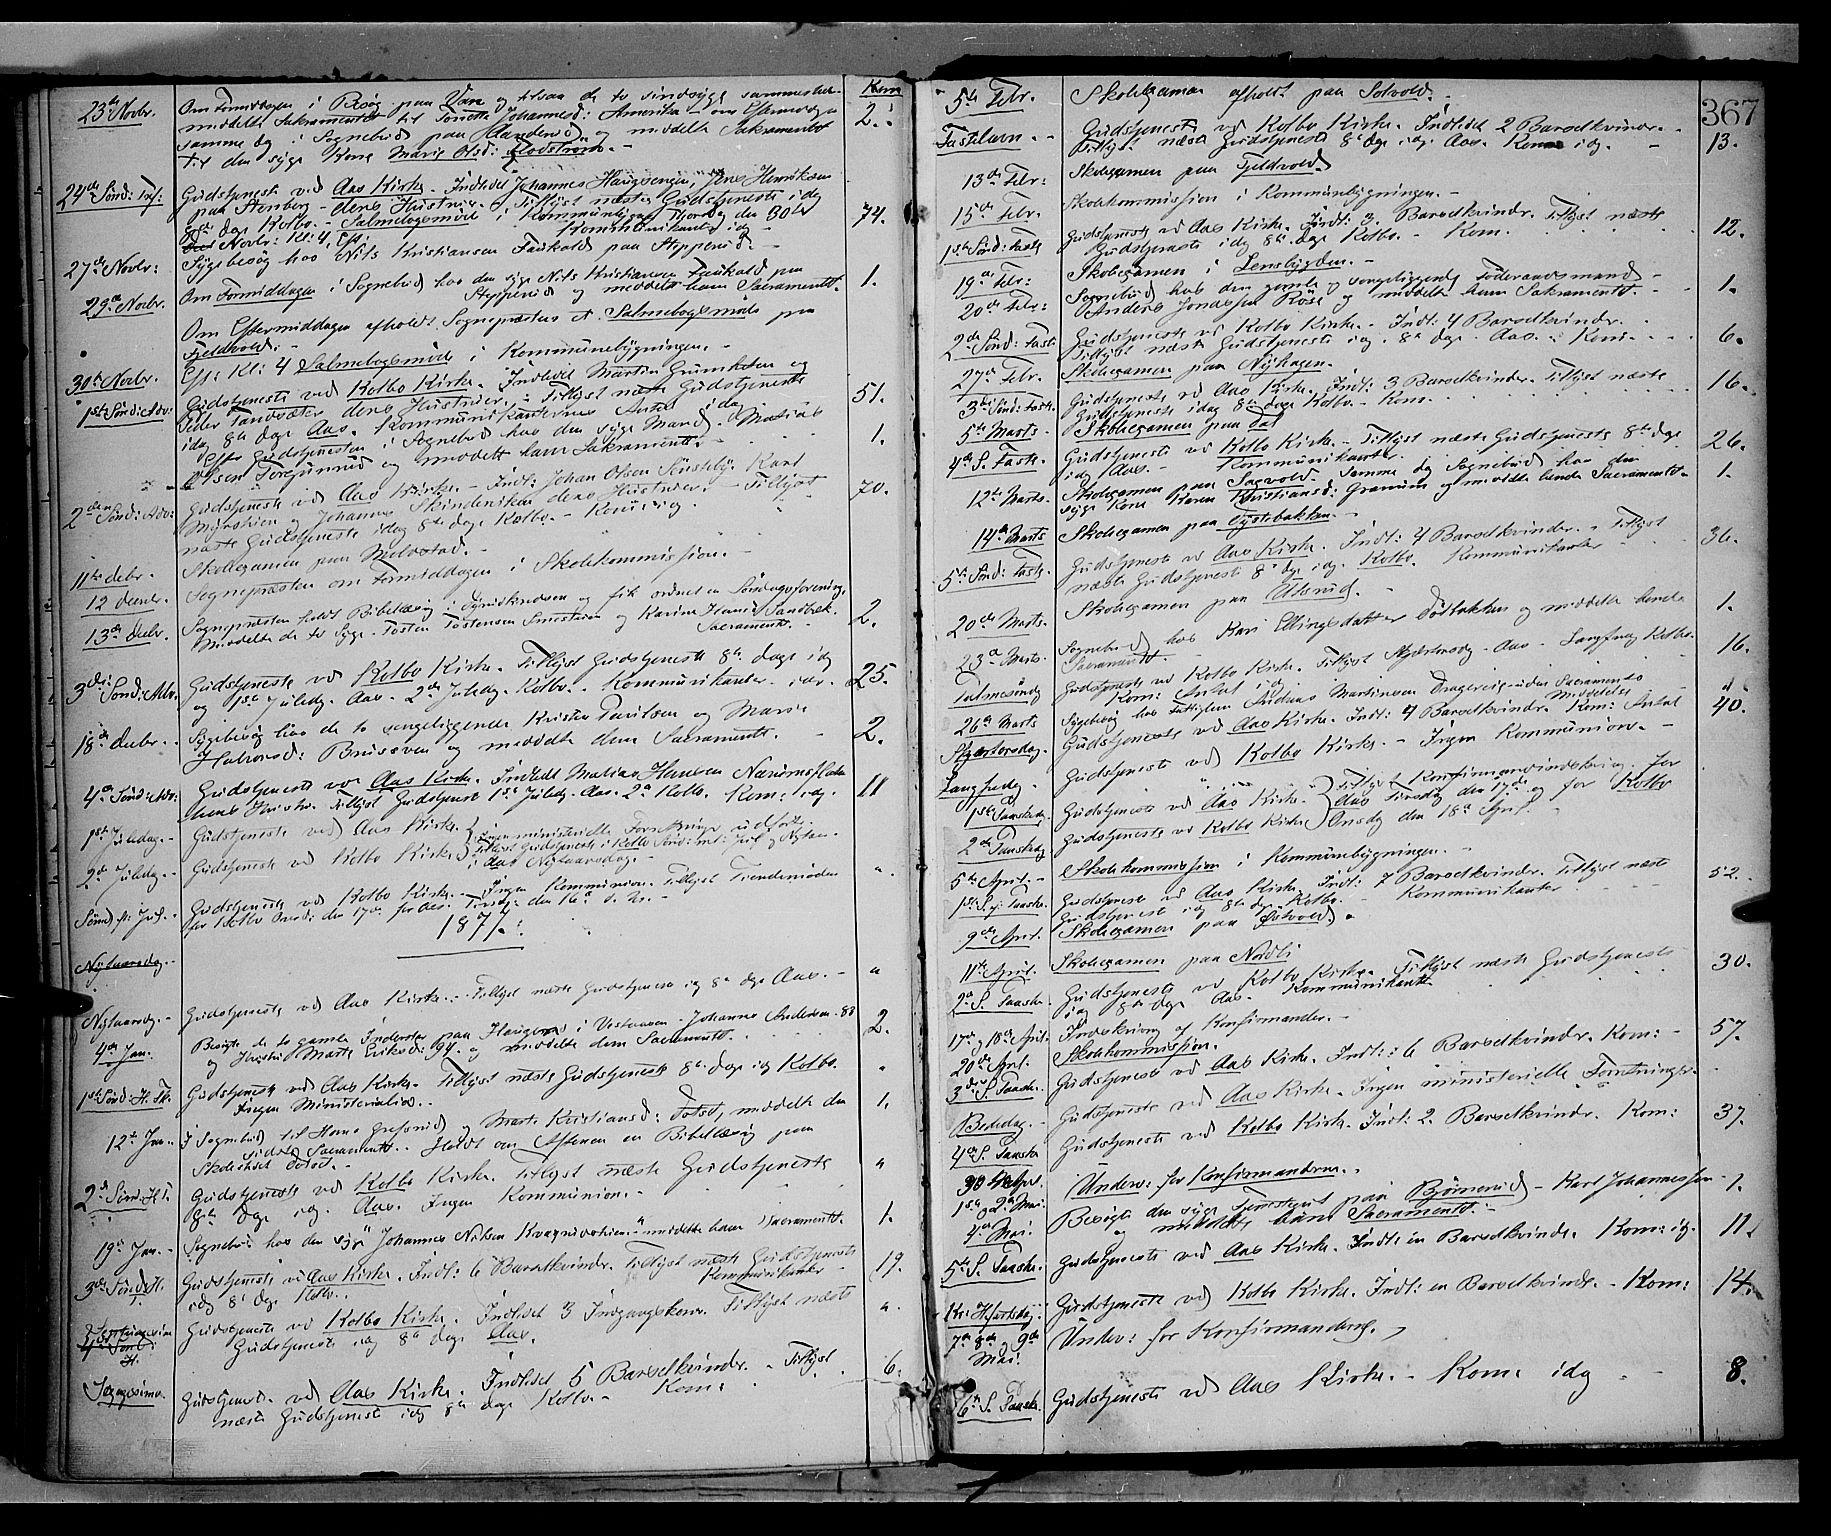 SAH, Vestre Toten prestekontor, Ministerialbok nr. 8, 1870-1877, s. 367